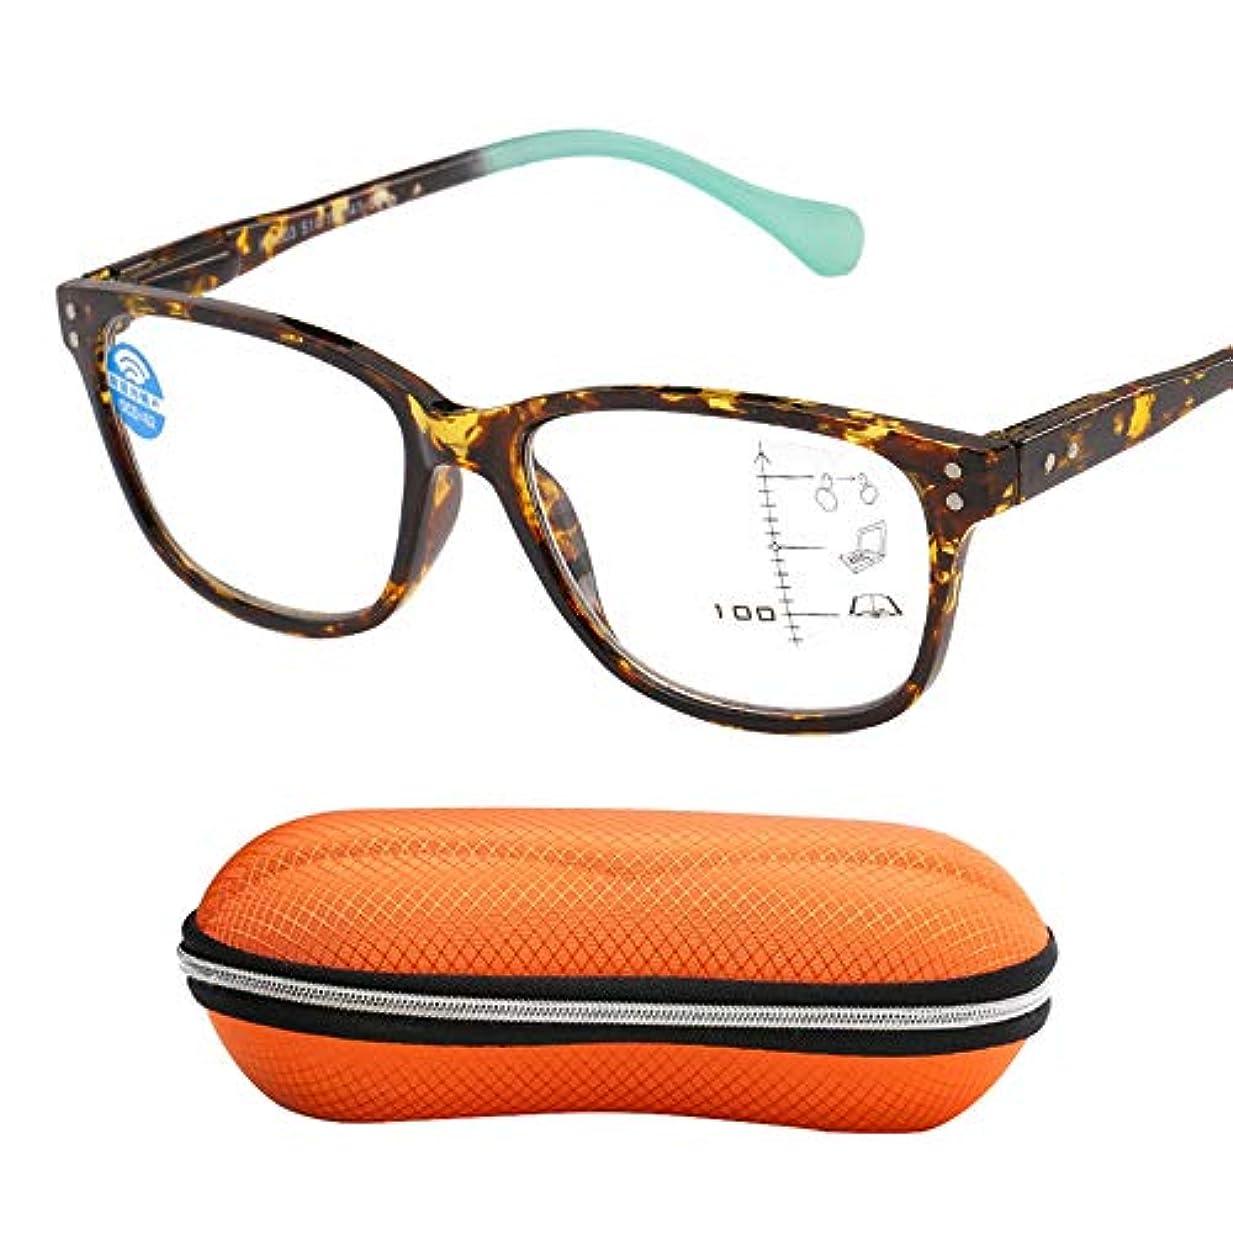 リング名義でボンドプログレッシブマルチフォーカスインテリジェント老眼鏡、アンチブルー UV/放射線/抗疲労コンピュータ老眼鏡、携帯用折りたたみ老眼鏡、読書に適した、ウォーキング、旅行、ショッピング